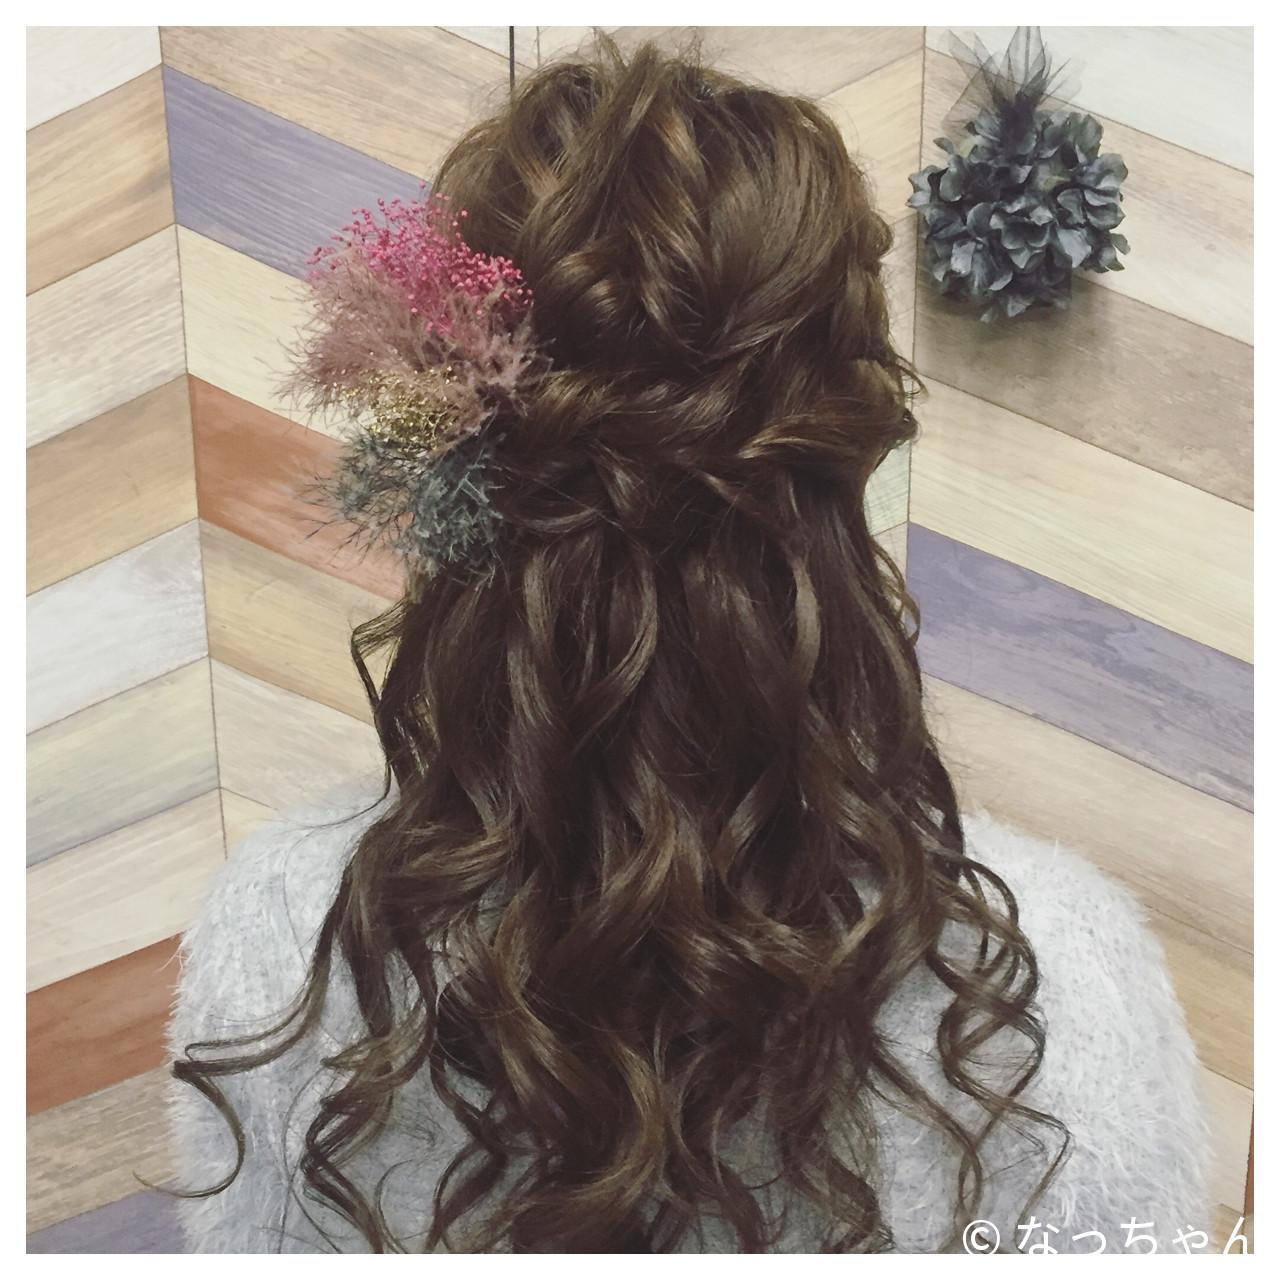 ハーフアップ 結婚式 ブライダル ロング ヘアスタイルや髪型の写真・画像 | なっちゃん / G-girl